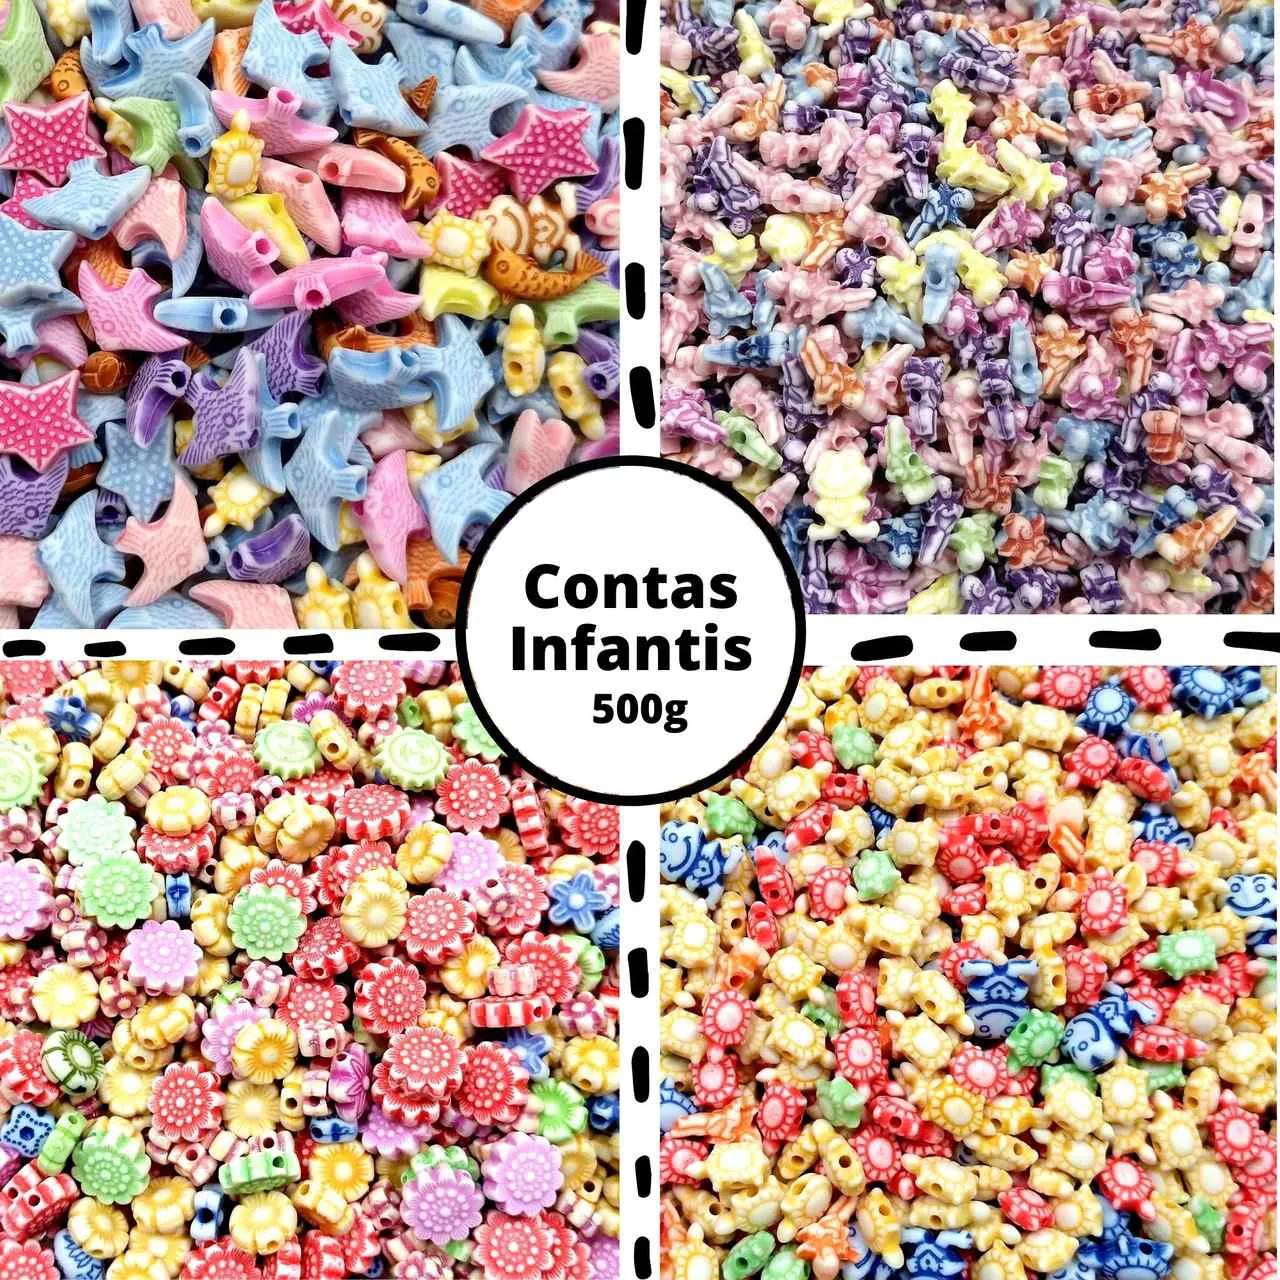 Contas Infantis Diversas - Pacote com 500g